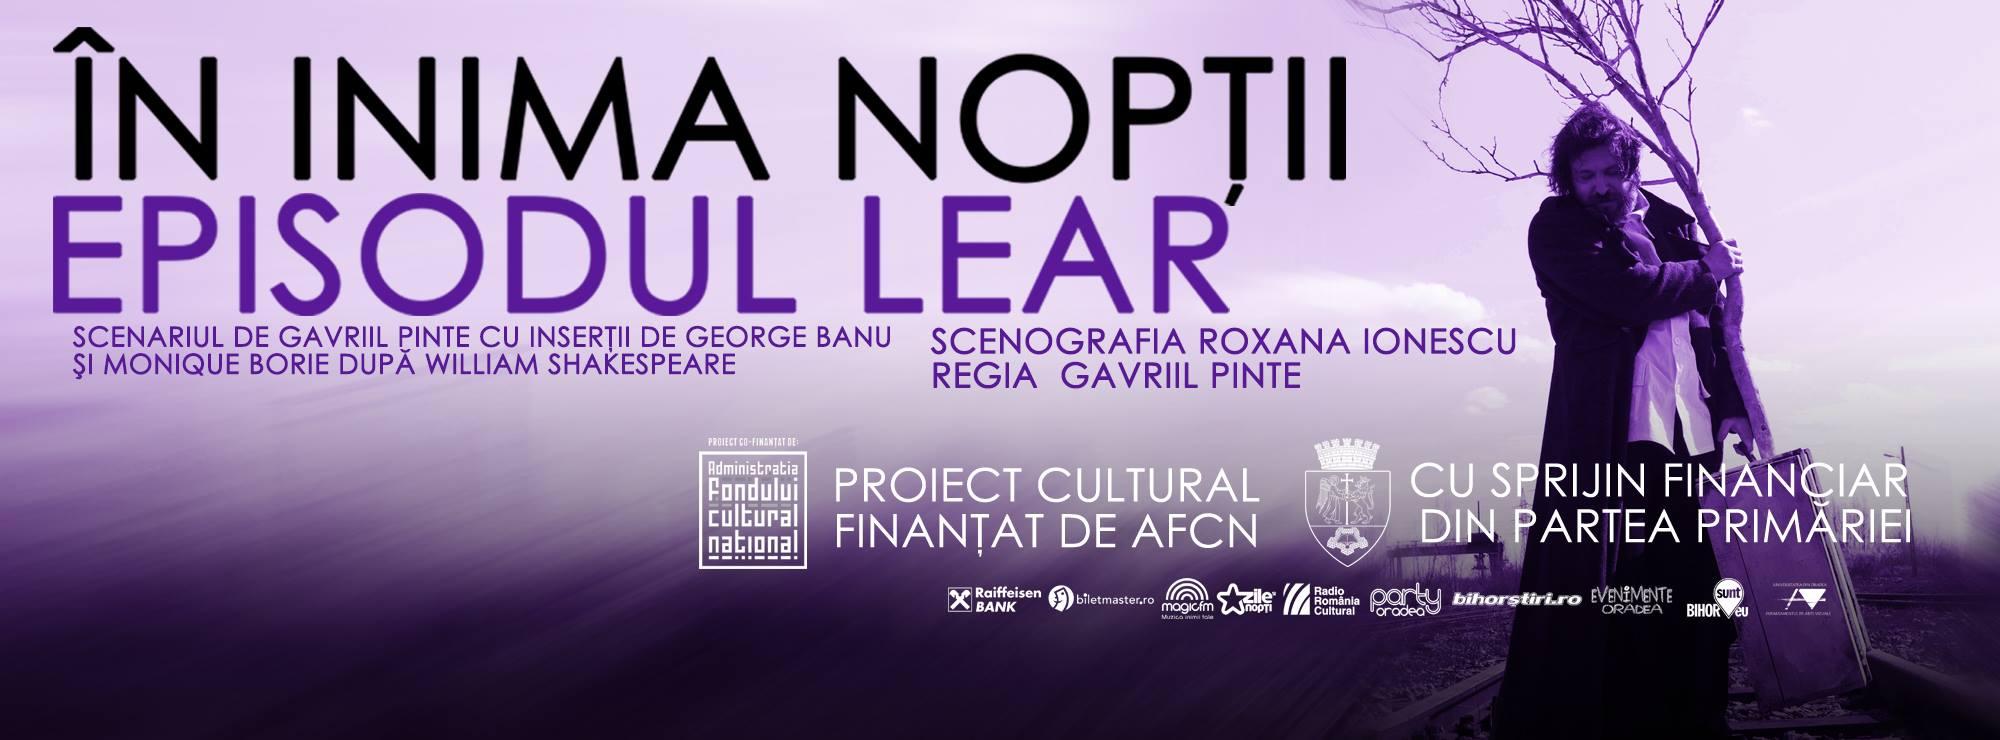 În inima nopții - episodul Lear, Oradea 2016